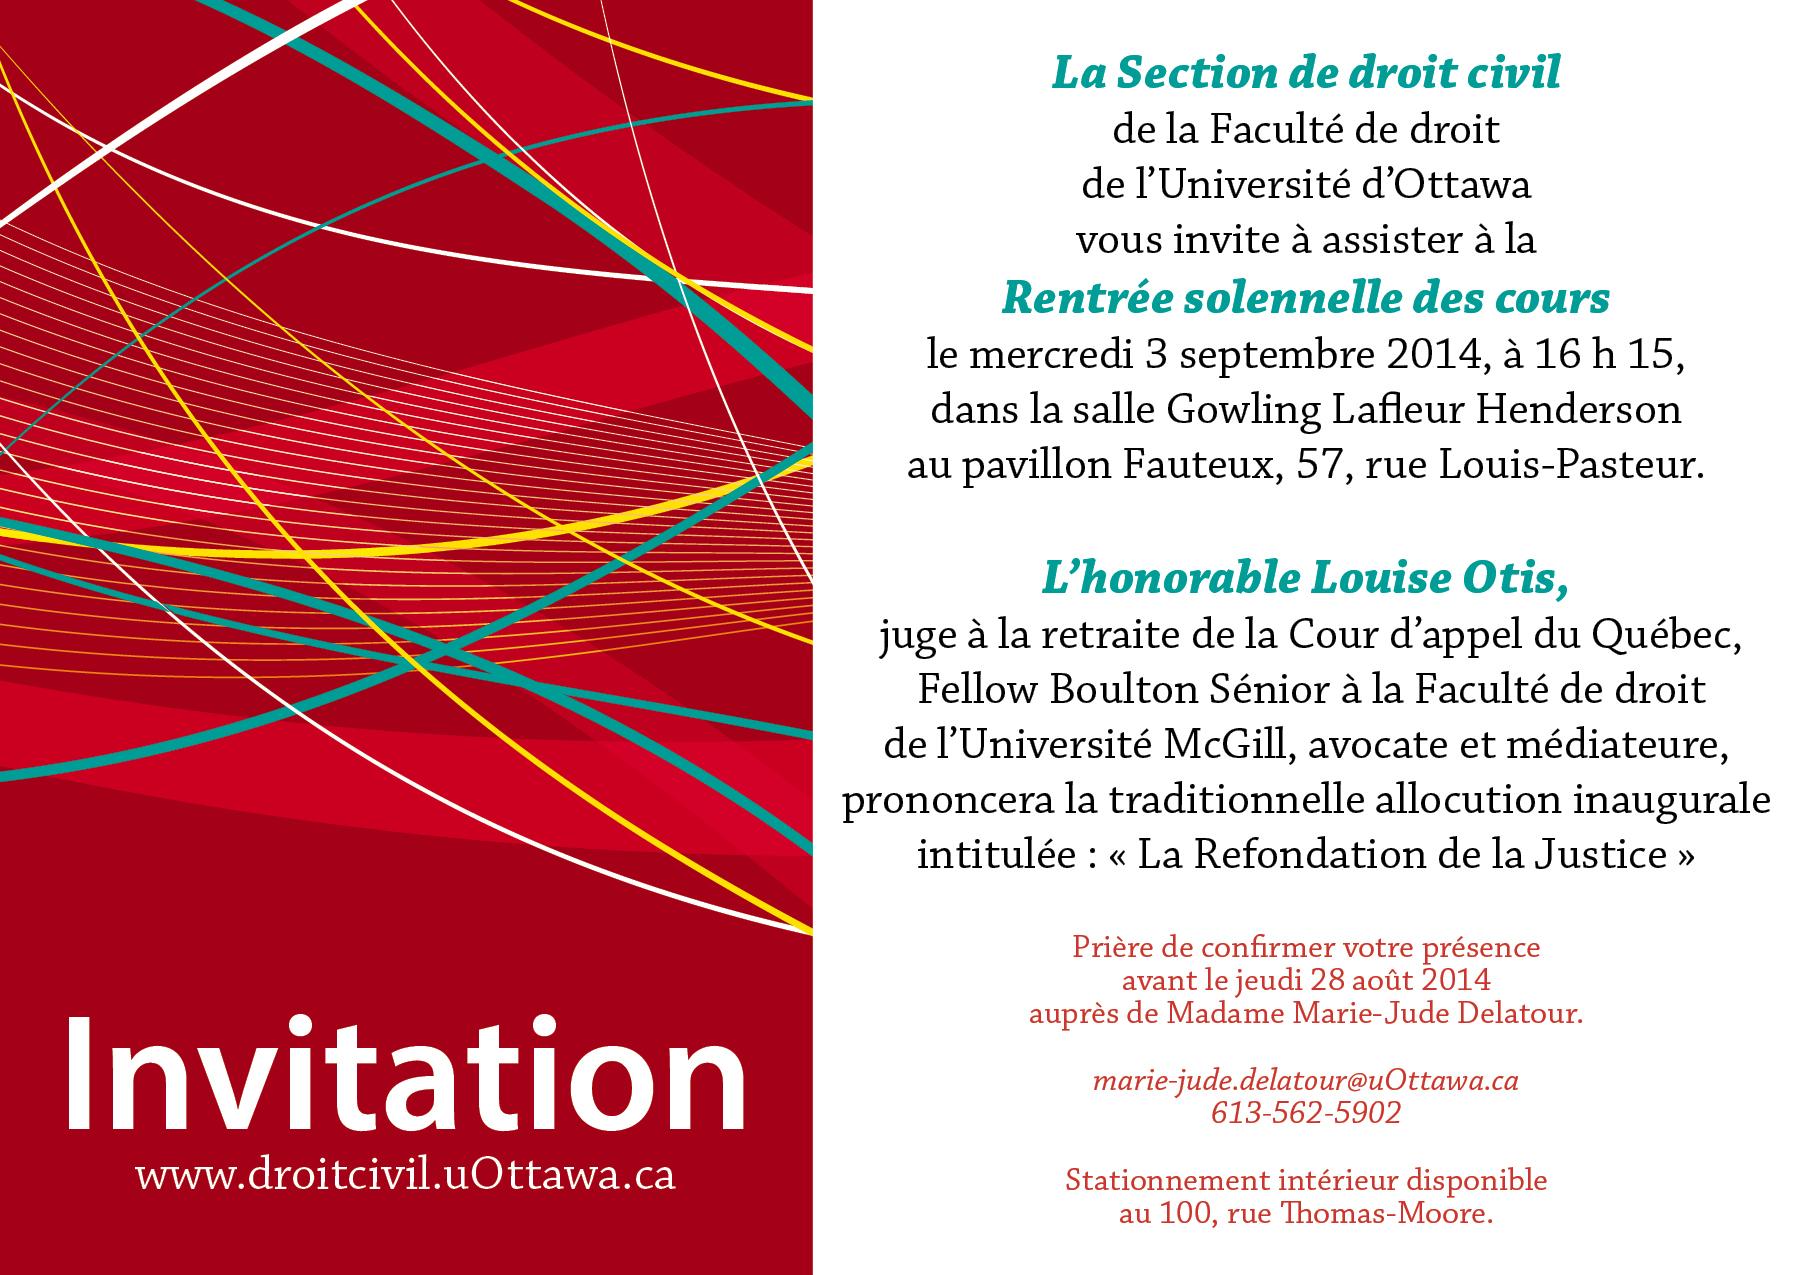 Invitation - rentrée solennelle - le 3 septembre 2014